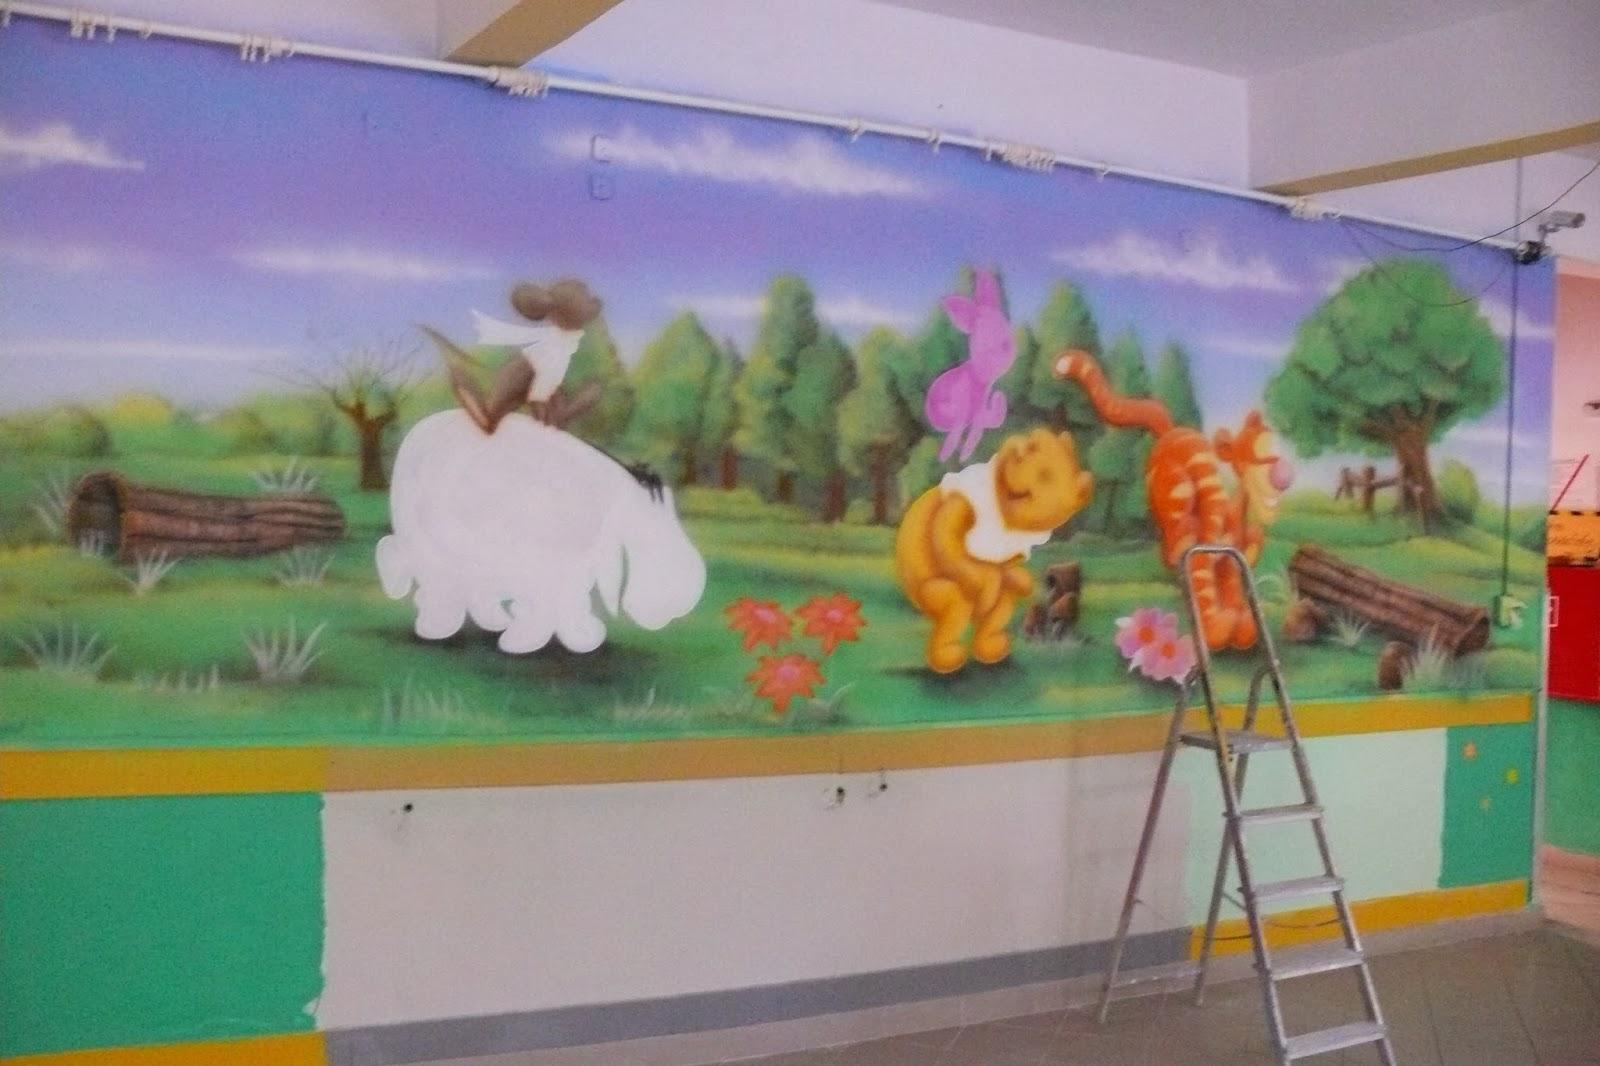 Malowanie na ścianie obrazu przedstawiającego scenkę z bajki Kubuś Puchatek i przyjaciele